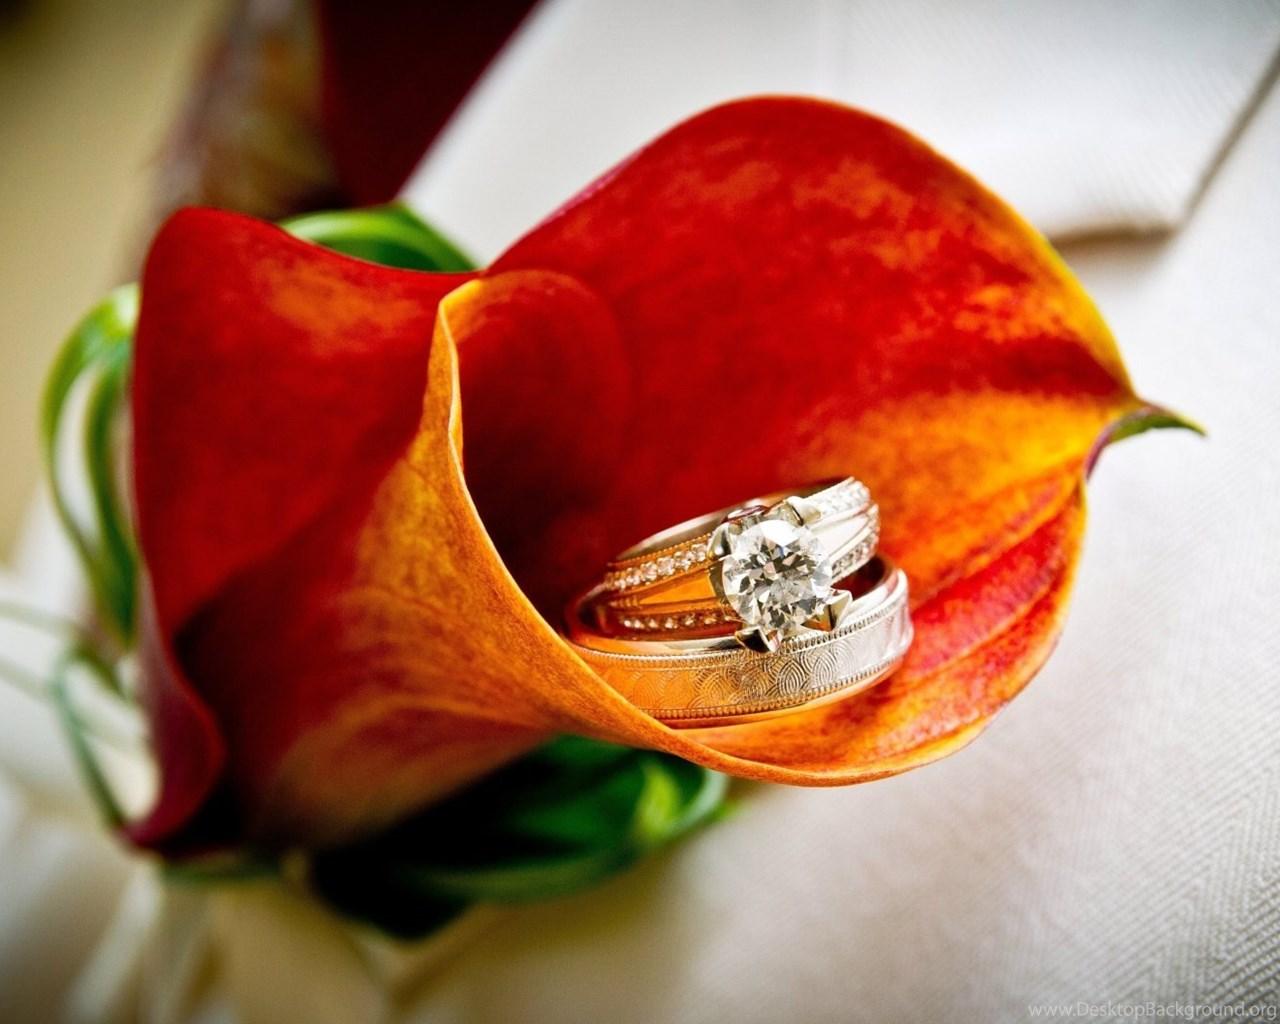 Кольца с цветами : картинки и фото кольца и цветы, скачать изображения 36